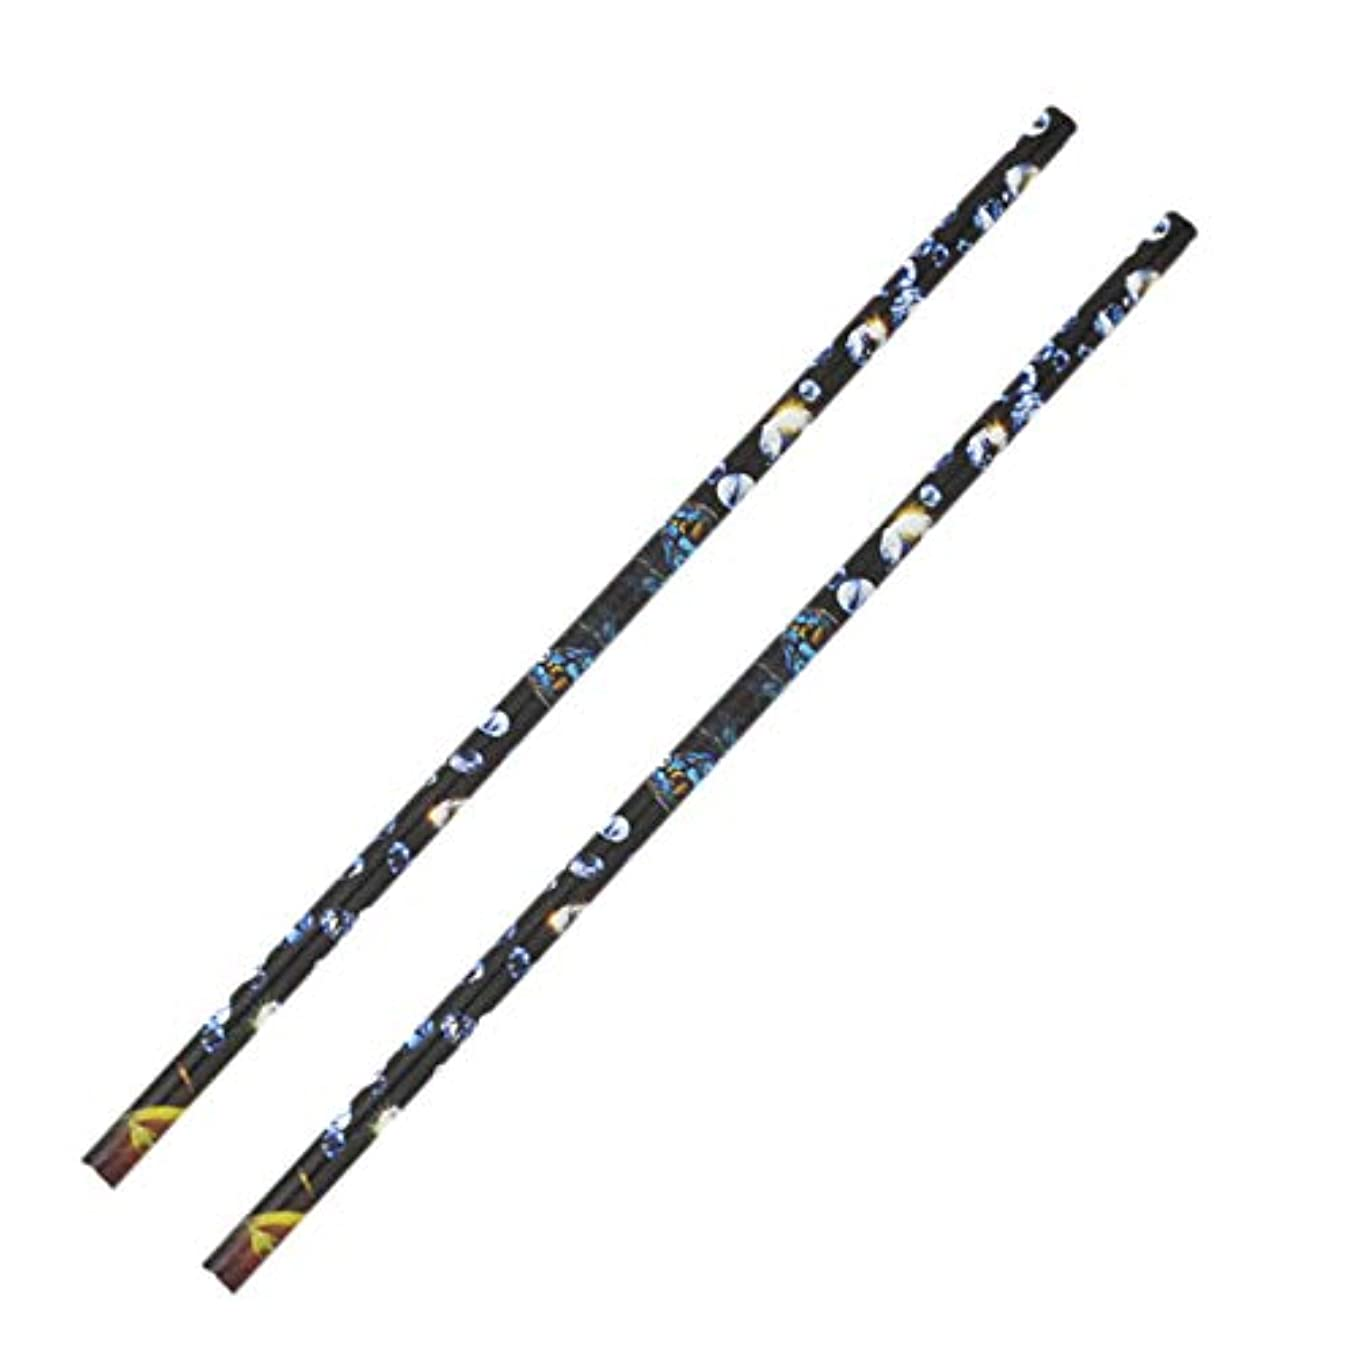 無視するセンチメートル経度Lopbinte 2個 クリスタル ラインストーン ピッカー鉛筆ネイルアートクラフト装飾ツール ワックスペンDIYスティッキードリルクレヨンラインストーンスティックドリルペン マニキュアツール